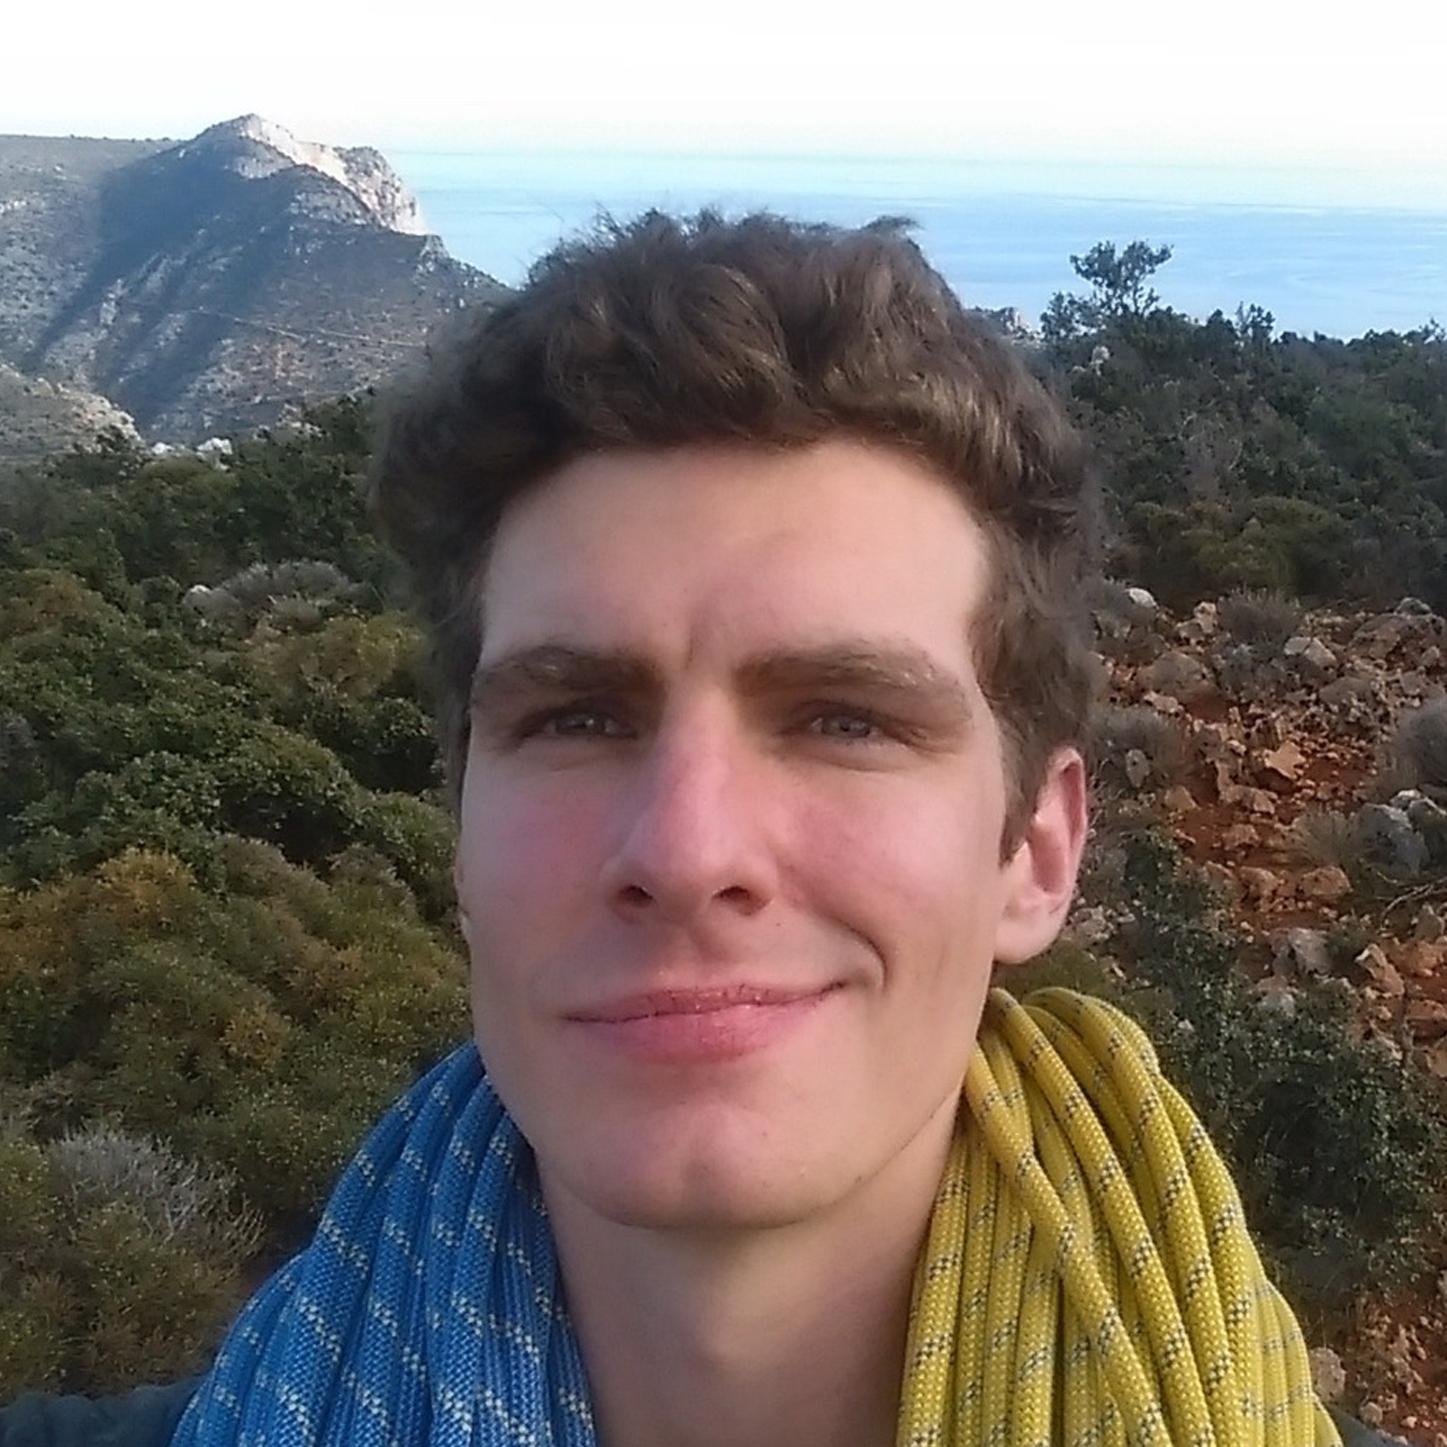 Klettertrainer Johan